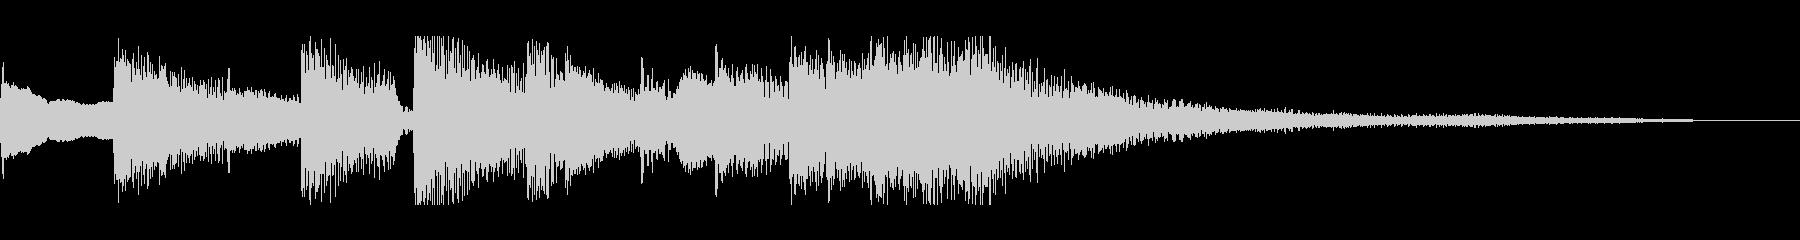 軽快なリズムのピアノジングルの未再生の波形